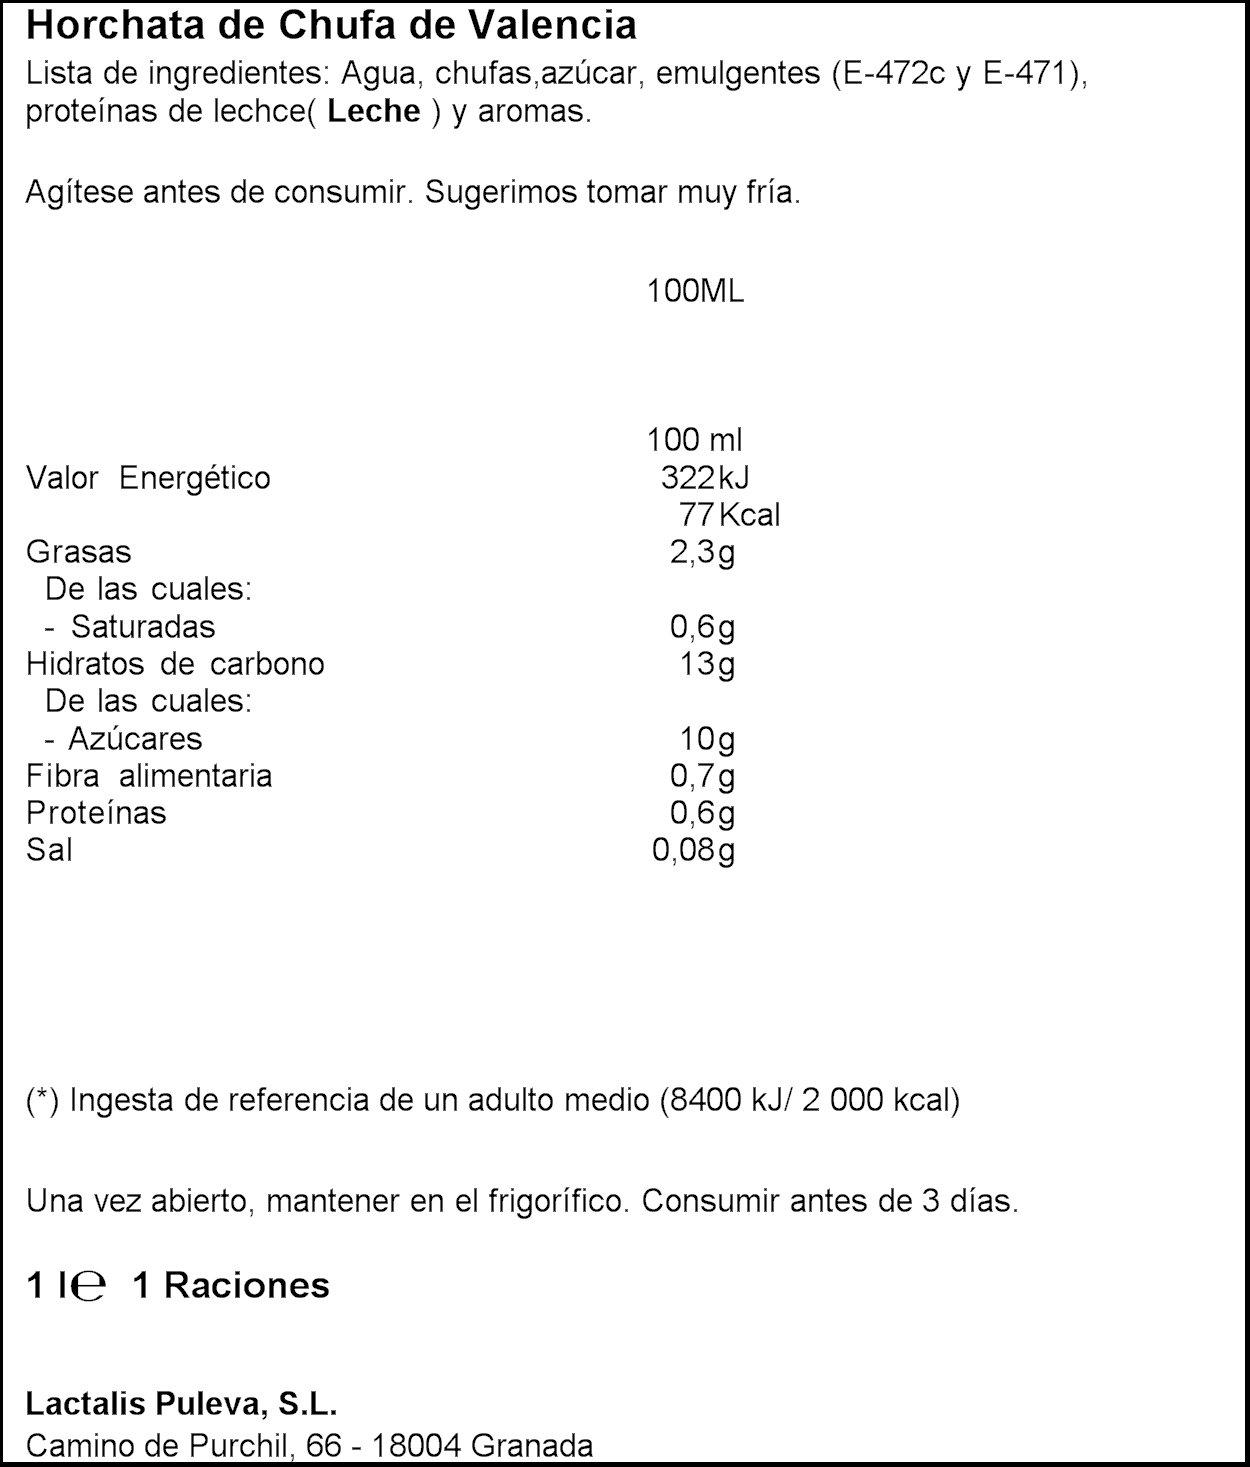 Chufi Horchata Original - 1 L: Amazon.es: Alimentación y bebidas